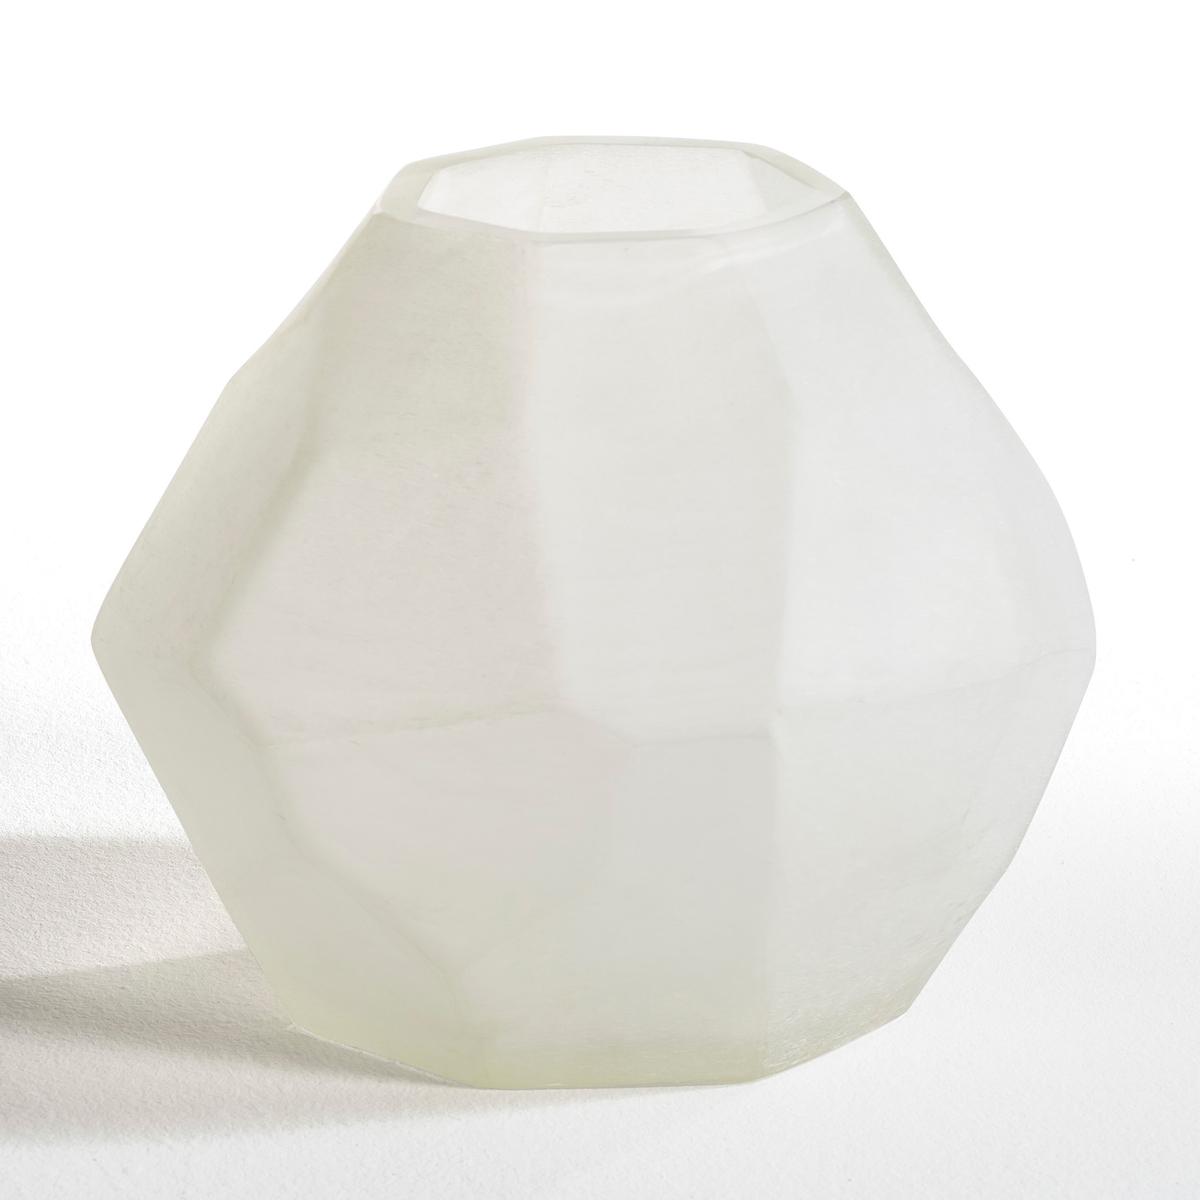 Ваза TelaГраненая ваза Tela.Характеристики: :- Из белого стекла с пескоструйной обработкой.Размеры :- Высота.24,5 x Диаметр.28,5 см<br><br>Цвет: песочно-белый